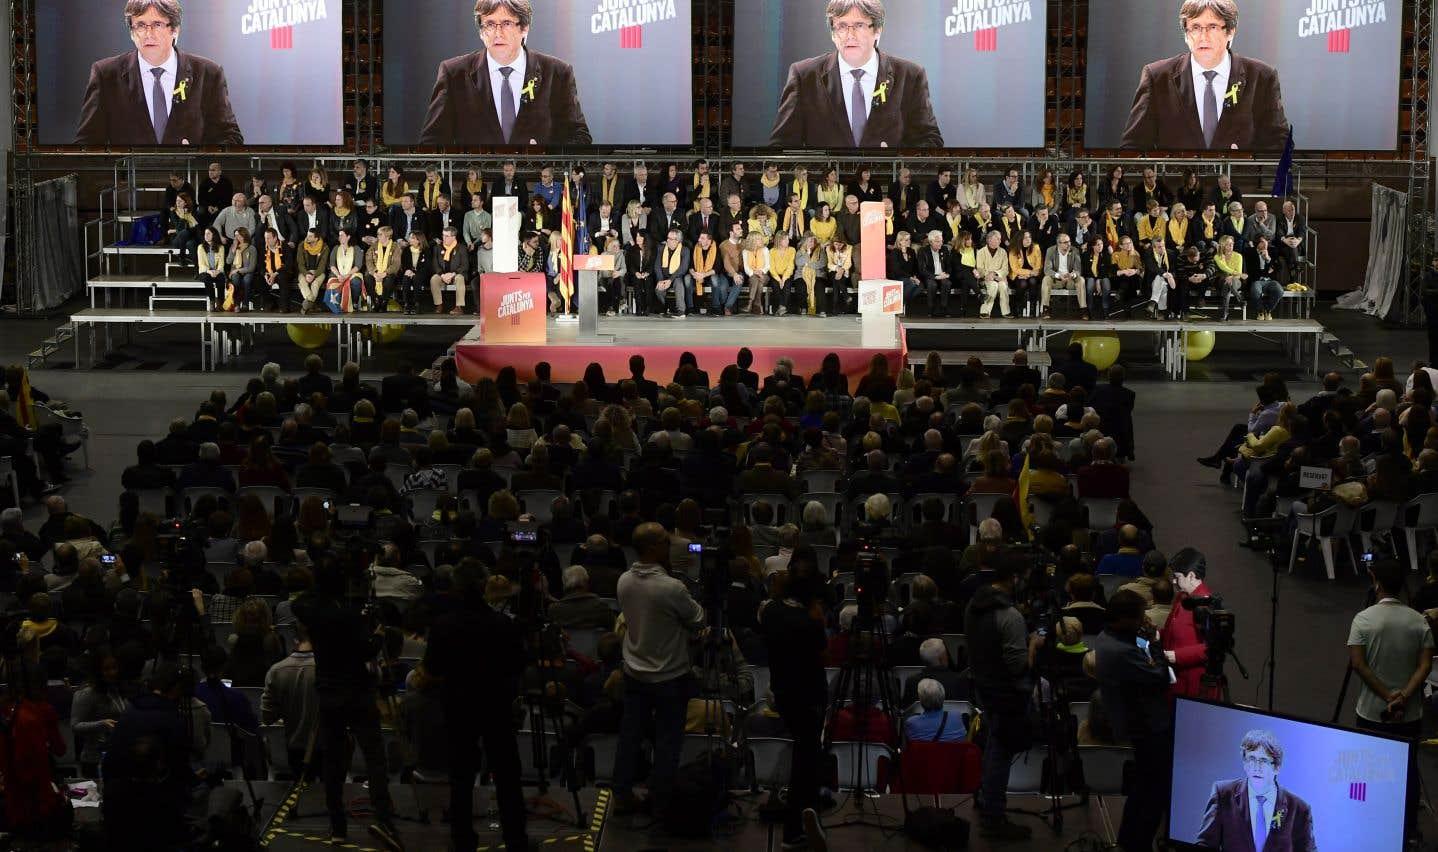 L'emprisonnement et l'exil des dirigeants indépendantistes catalans a galvanisé les partisans de la souveraineté.